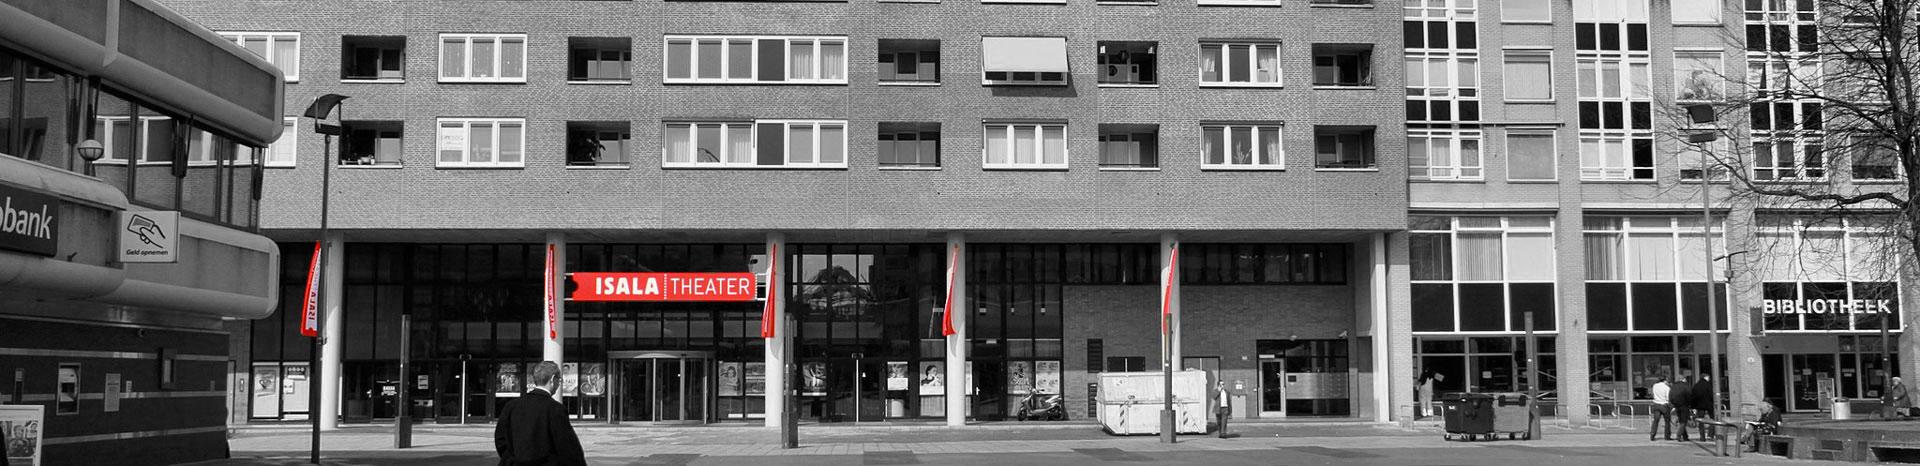 Letselschade advocaat Capelle aan den IJssel | LetselPro